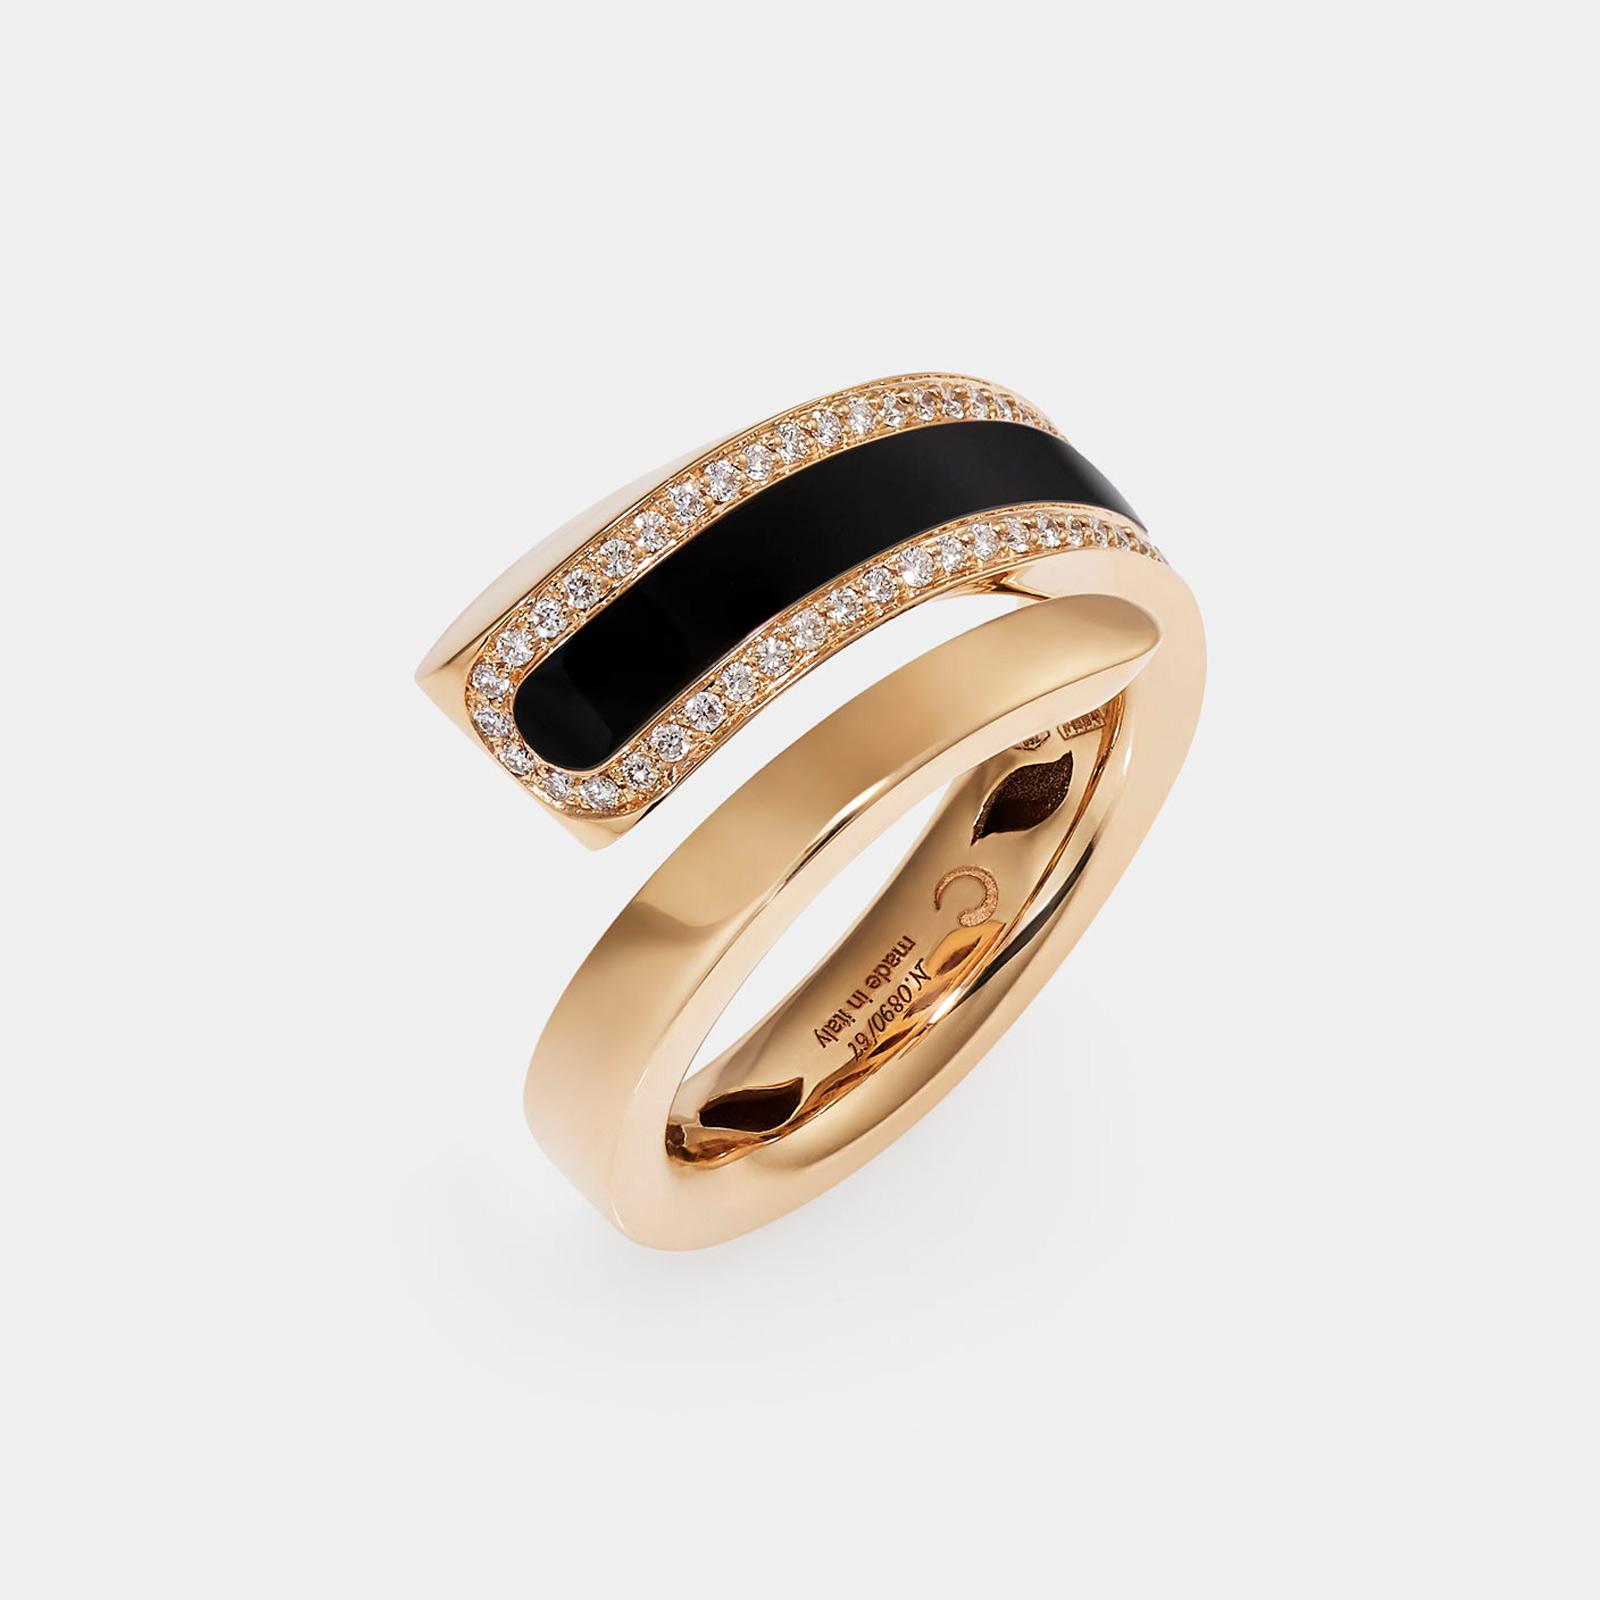 Crivelli - Anello Like Chromatic in oro rosa e diamanti - Rosanna Cattolico gioielli